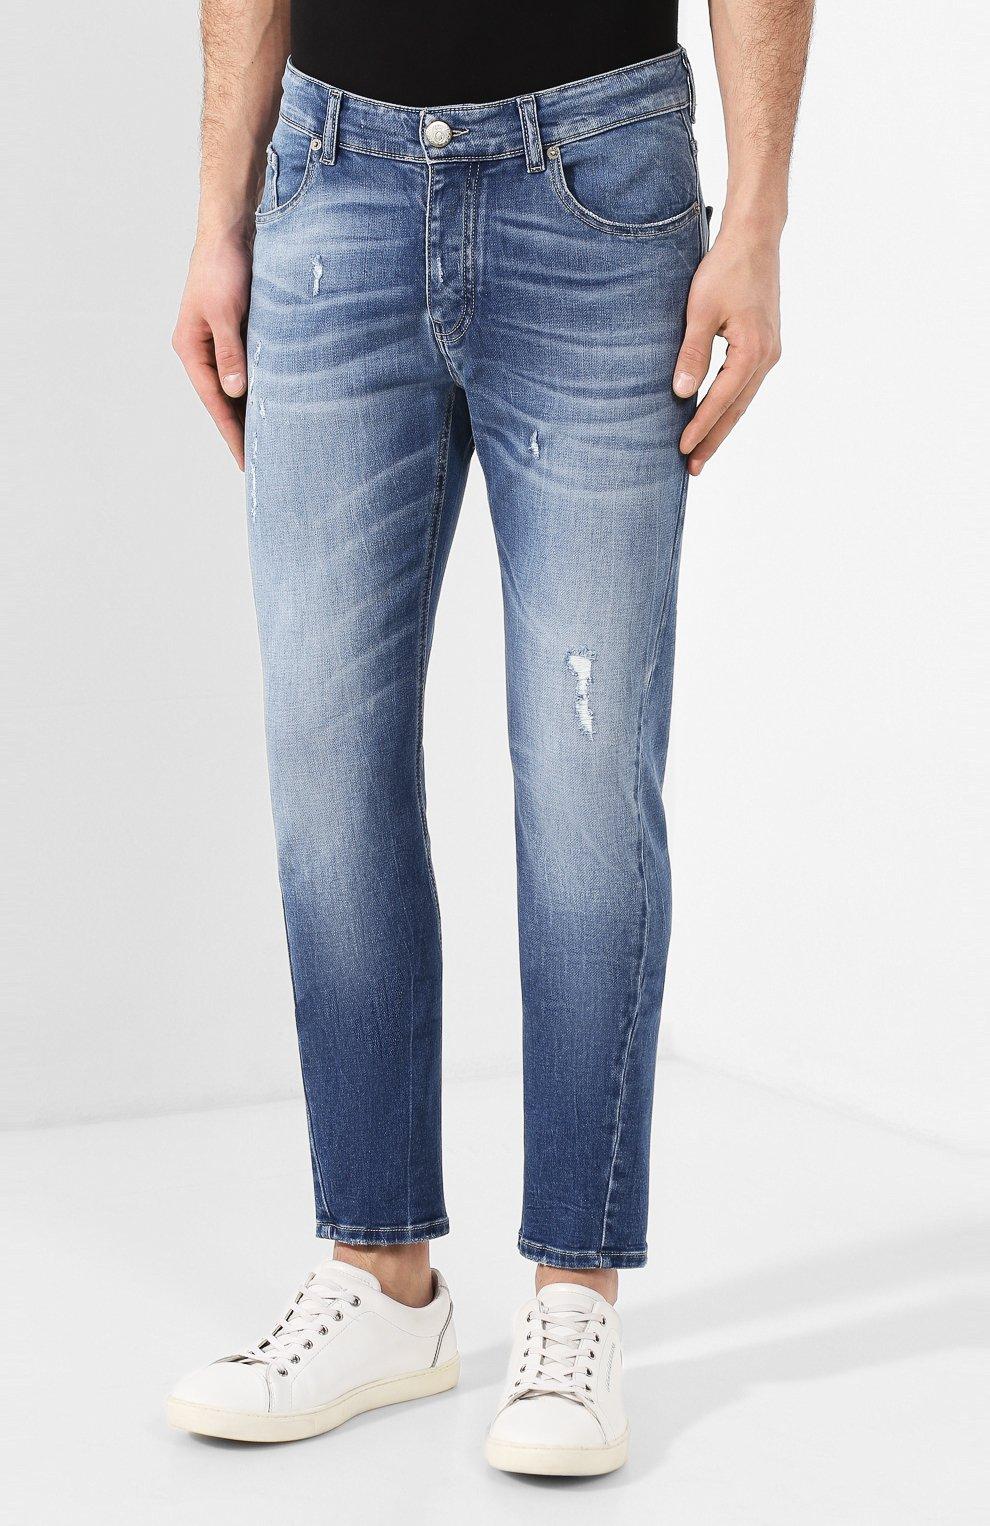 Мужские джинсы PREMIUM MOOD DENIM SUPERIOR синего цвета, арт. S20 0352752182/BARRET | Фото 3